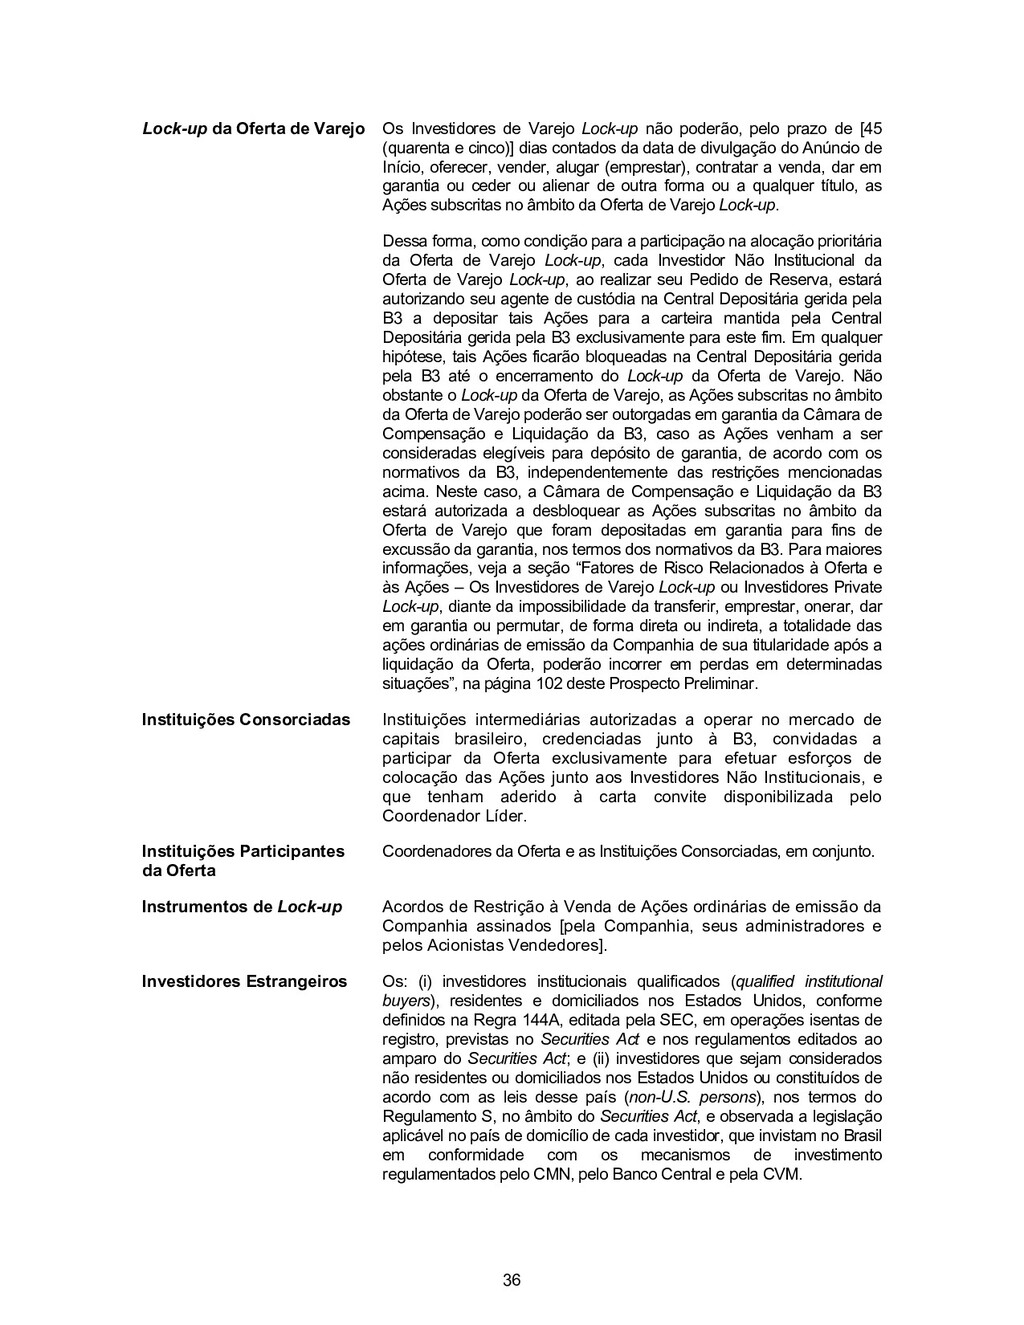 36 Lock-up da Oferta de Varejo Os Investidores ...